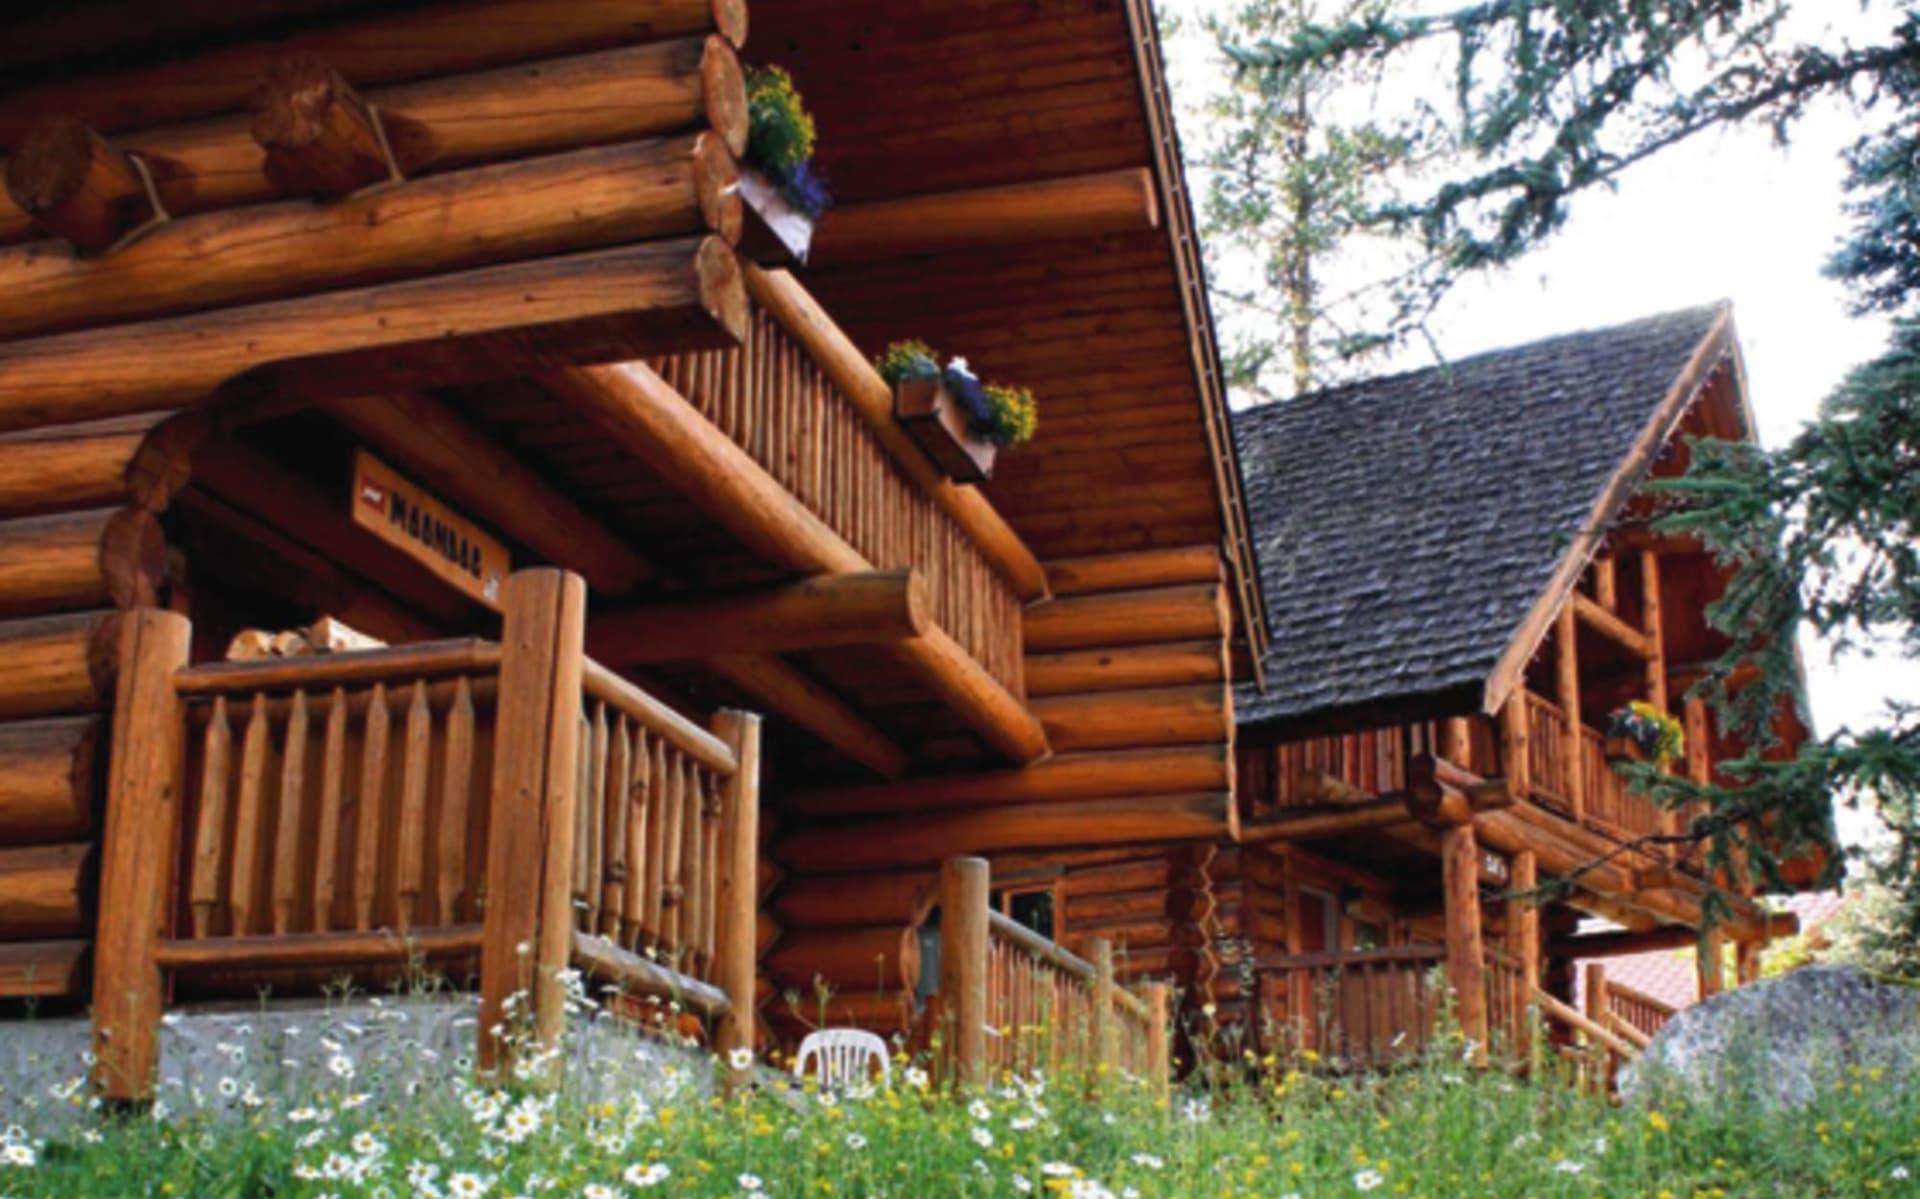 Mike Wiegele Resort in Blue River: 2011_164_02_mike wiegele resort